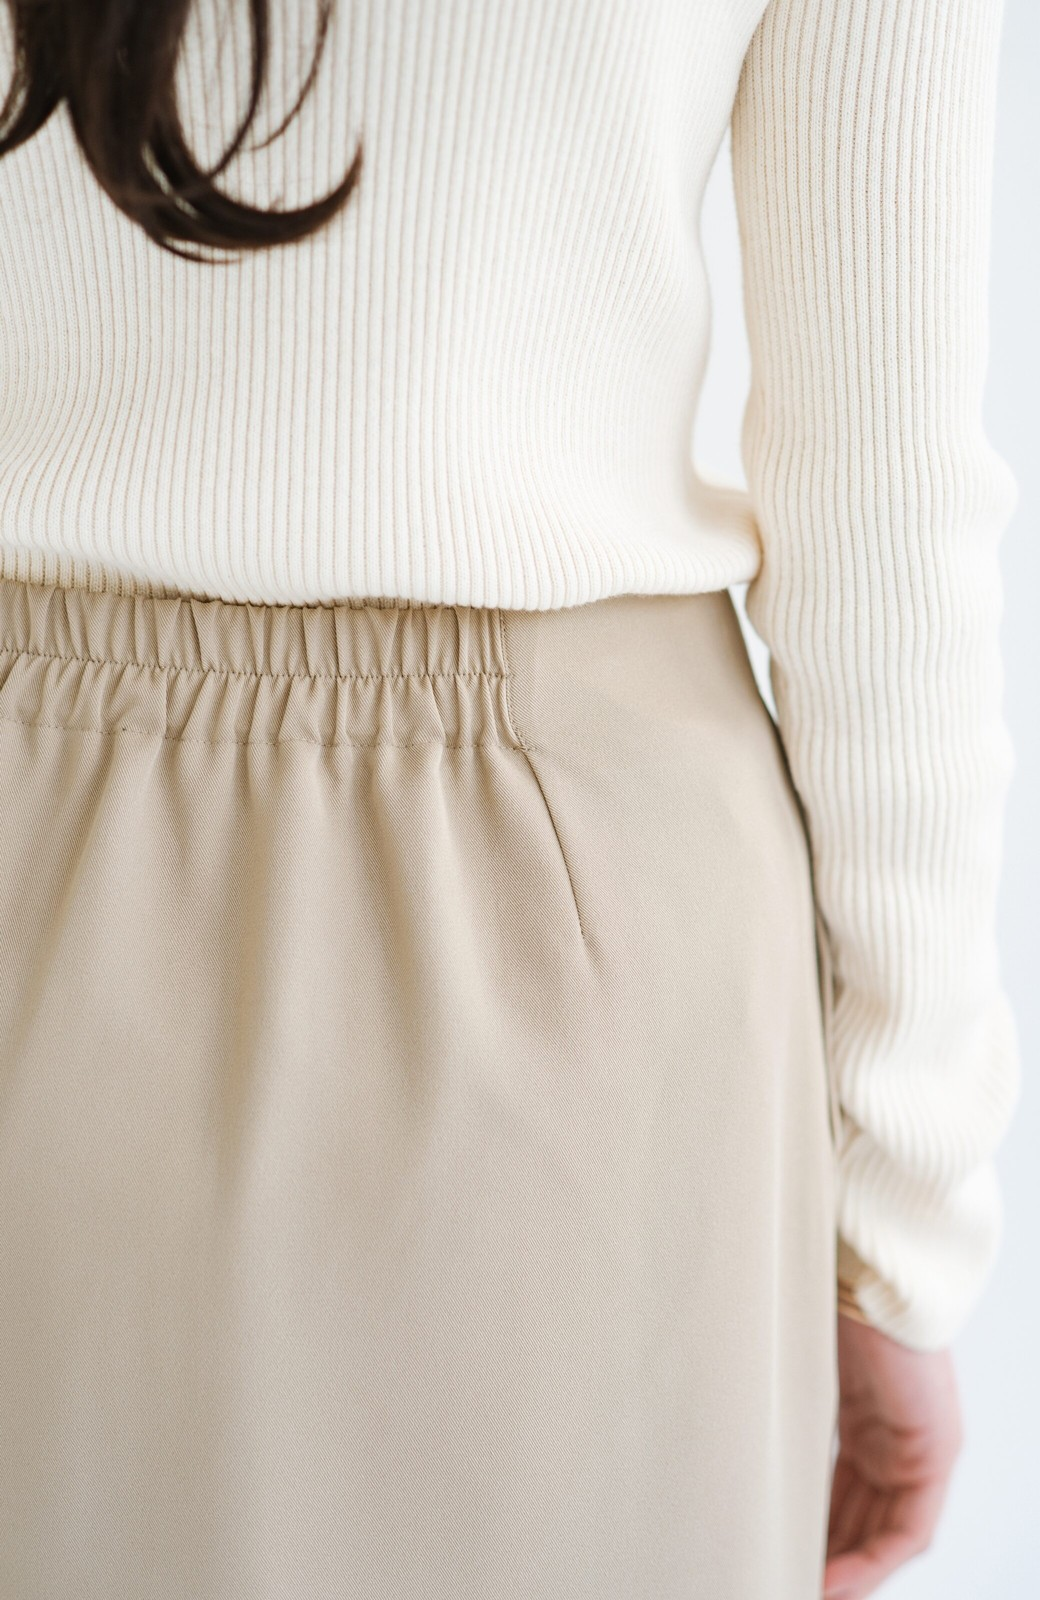 haco! 【シンプル】これさえあればきちんとシーンも怖くない!大人のシンプルジャケット・パンツ・スカート3点セット <ベージュ>の商品写真36